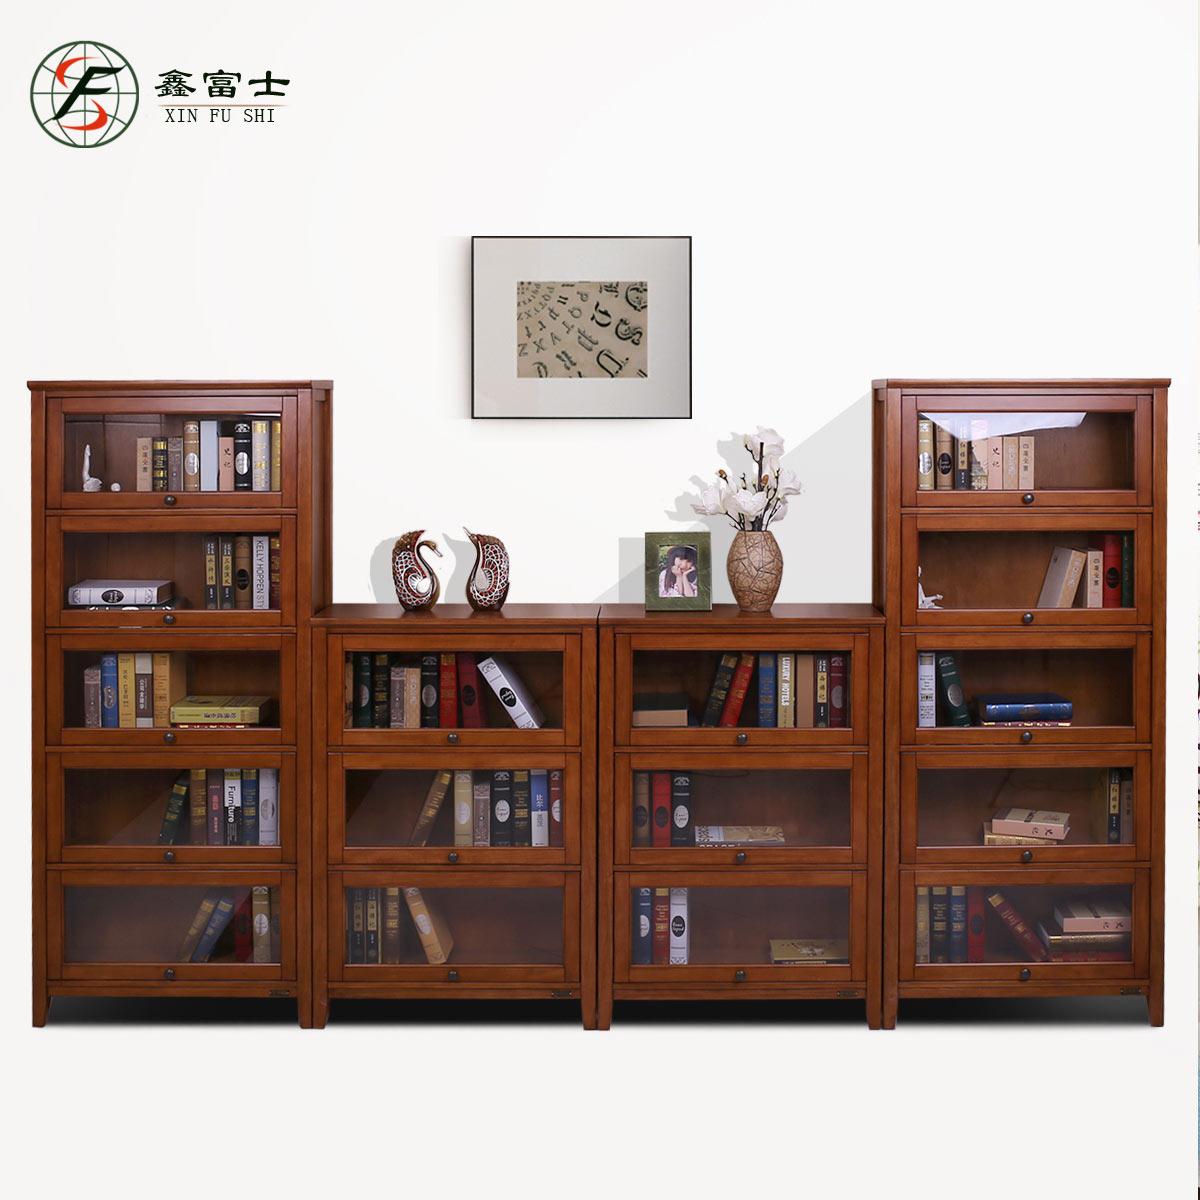 实木三层五层书柜家用办公带门多层书架柜子收纳储物简约美式